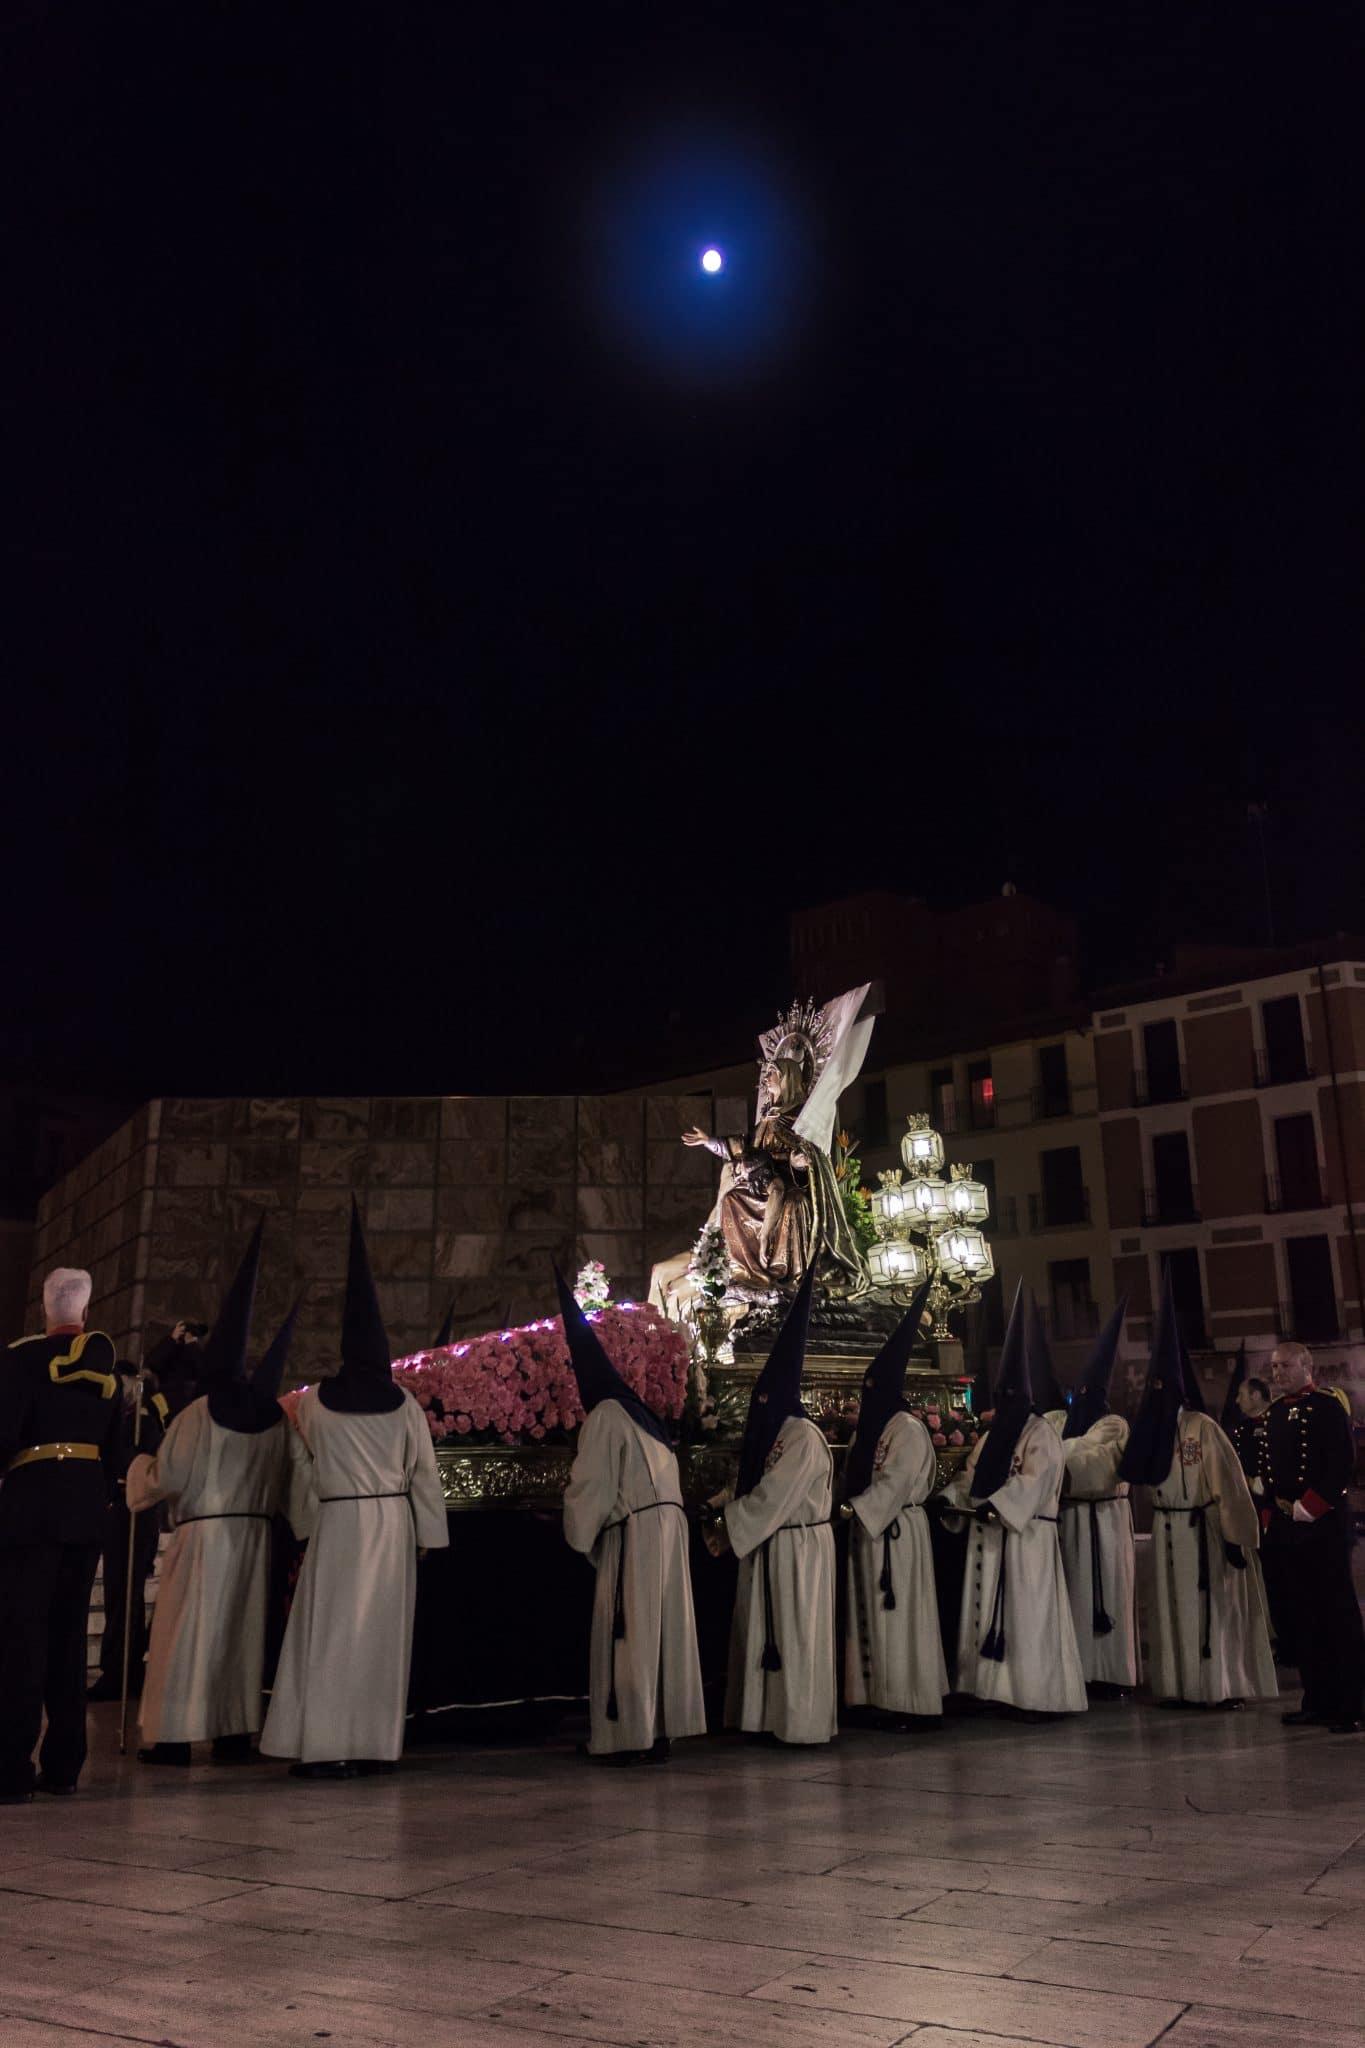 Semana Santa en Zaragoza - Procesión de la Piedad